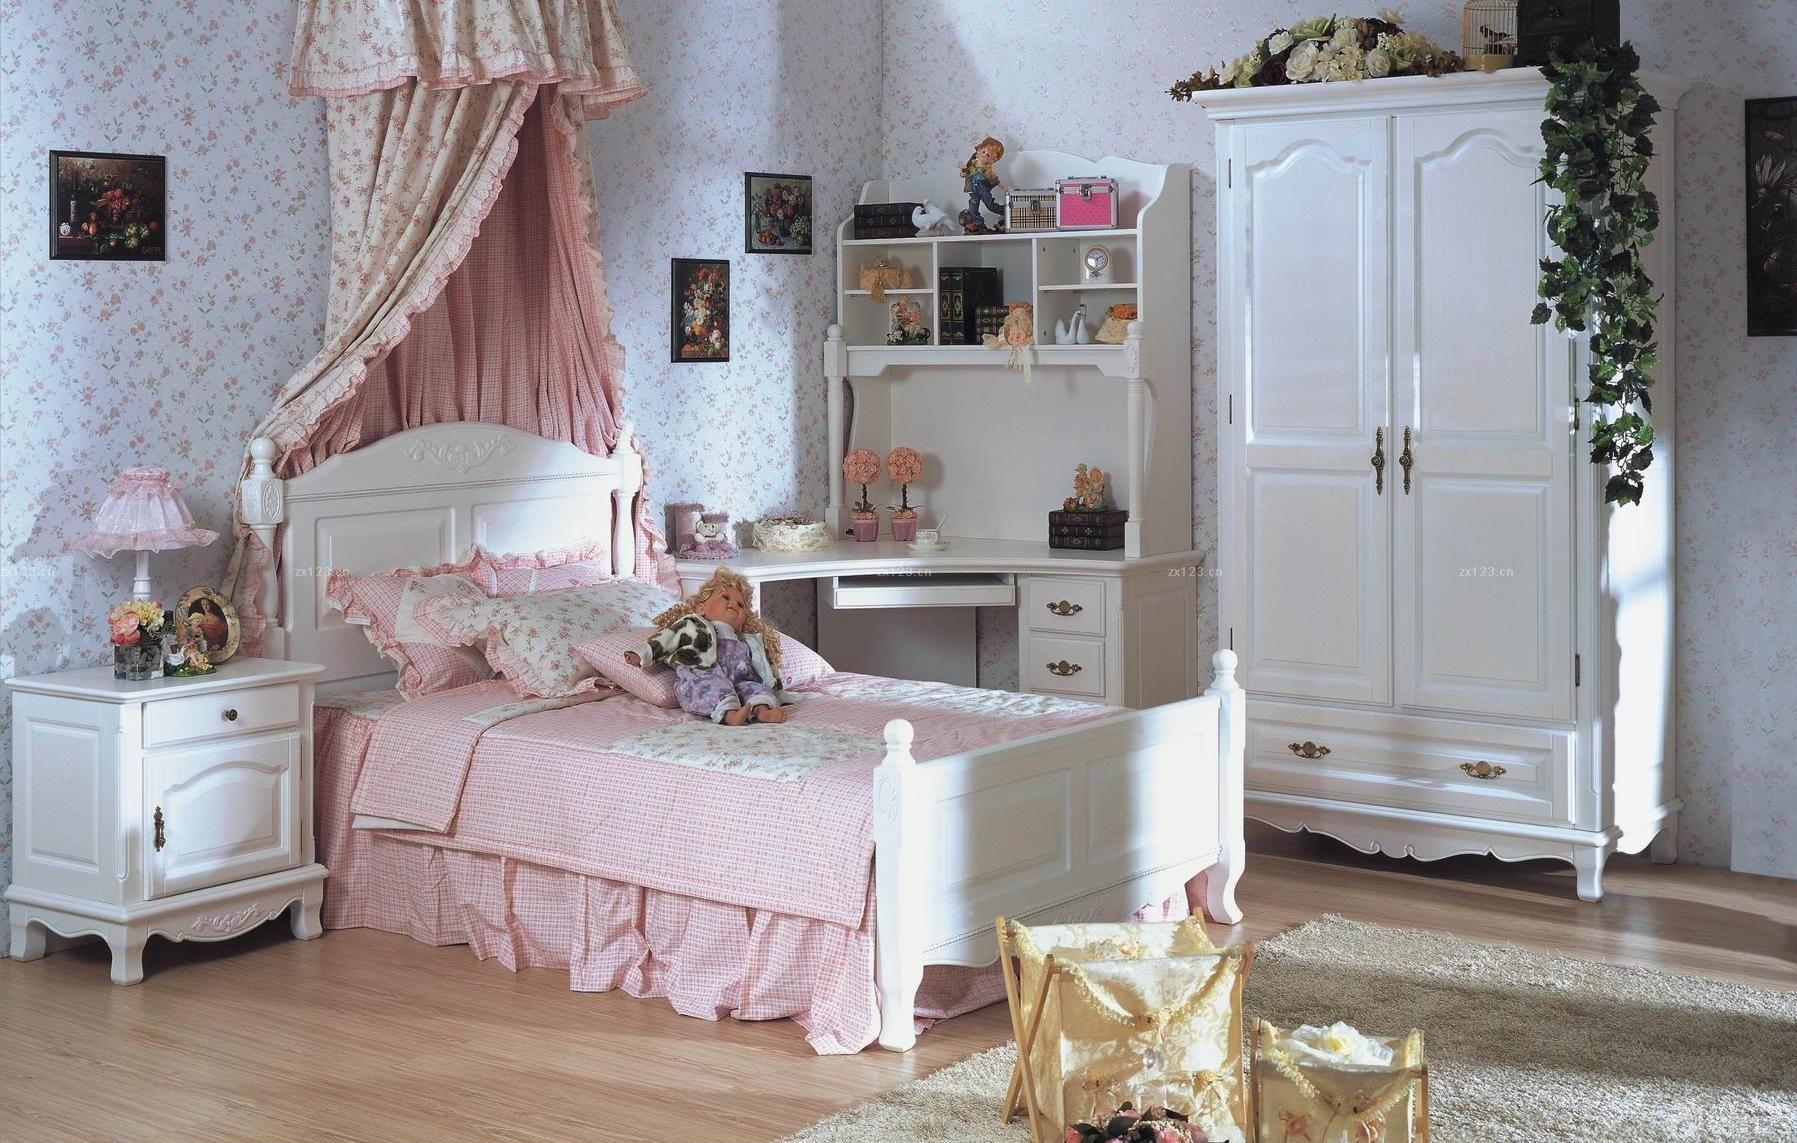 女生臥室布置有哪些技巧 女生臥室布置風水知識